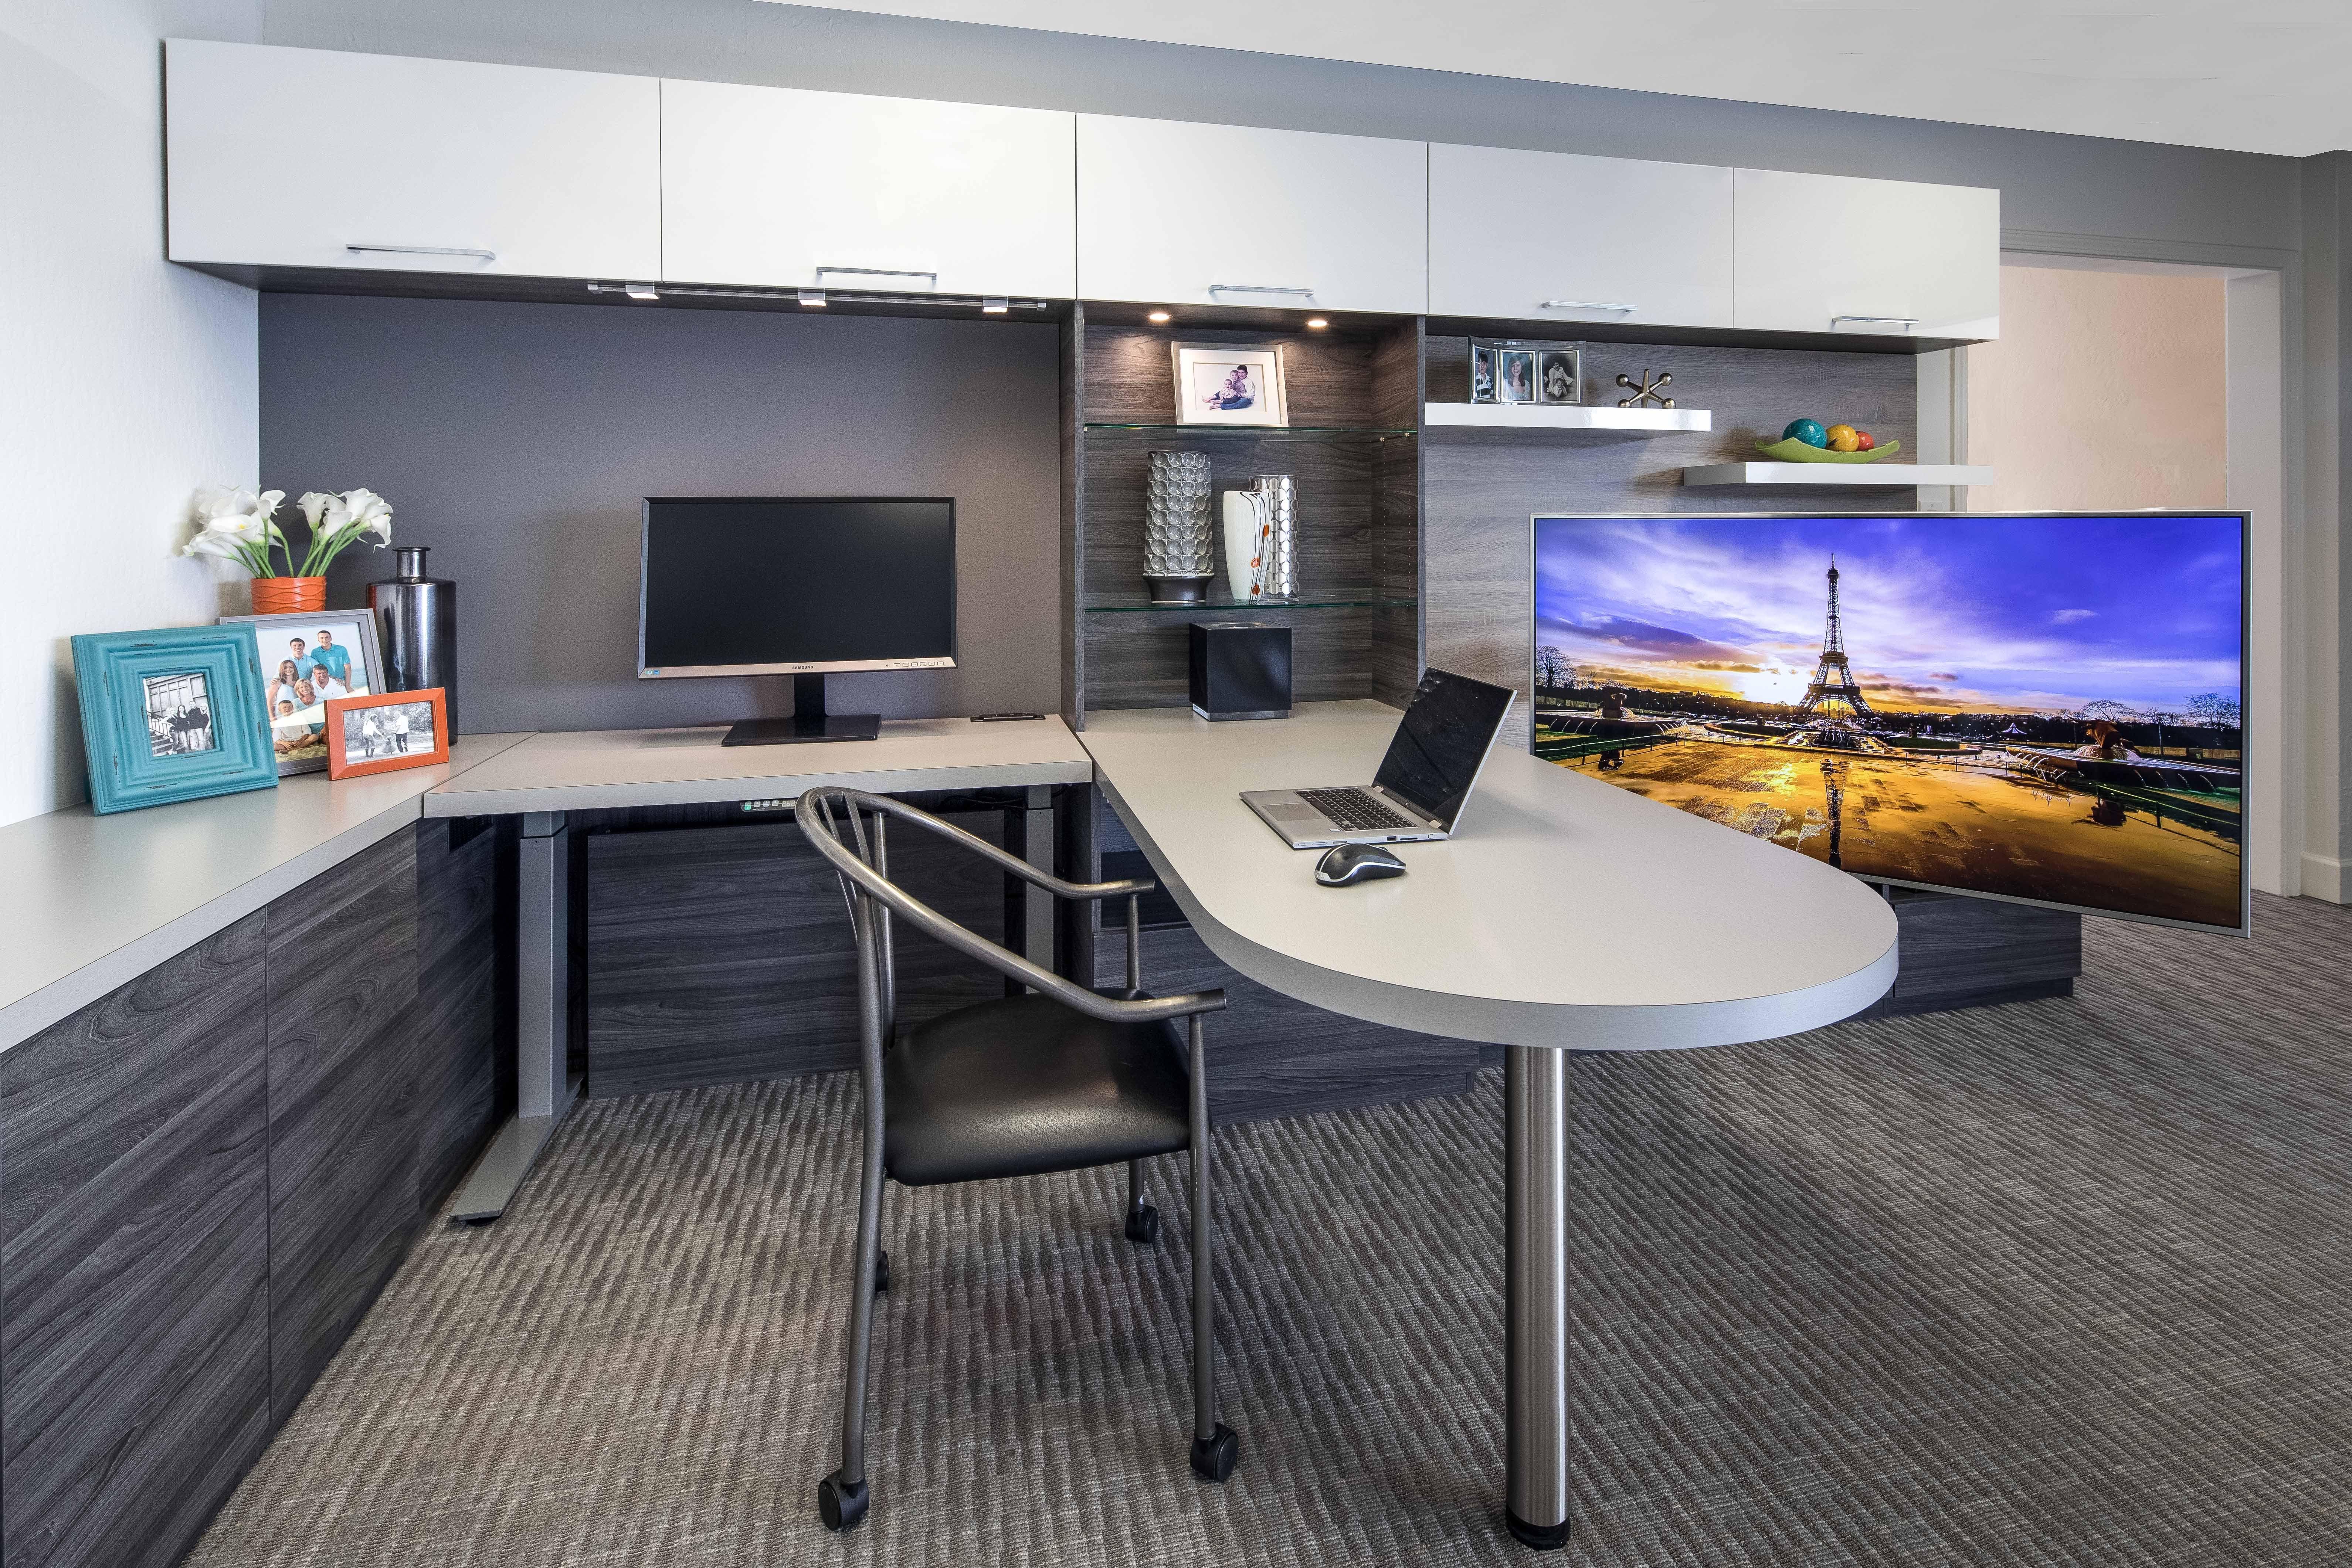 Apple Park In Cupertino Inspires A Sleek Modern High Tech Home